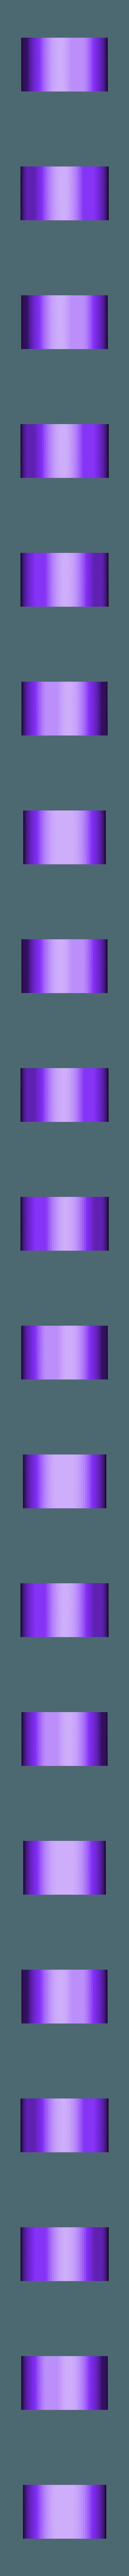 Body1.stl Télécharger fichier STL gratuit tirelire • Modèle pour impression 3D, freeclimbingbo